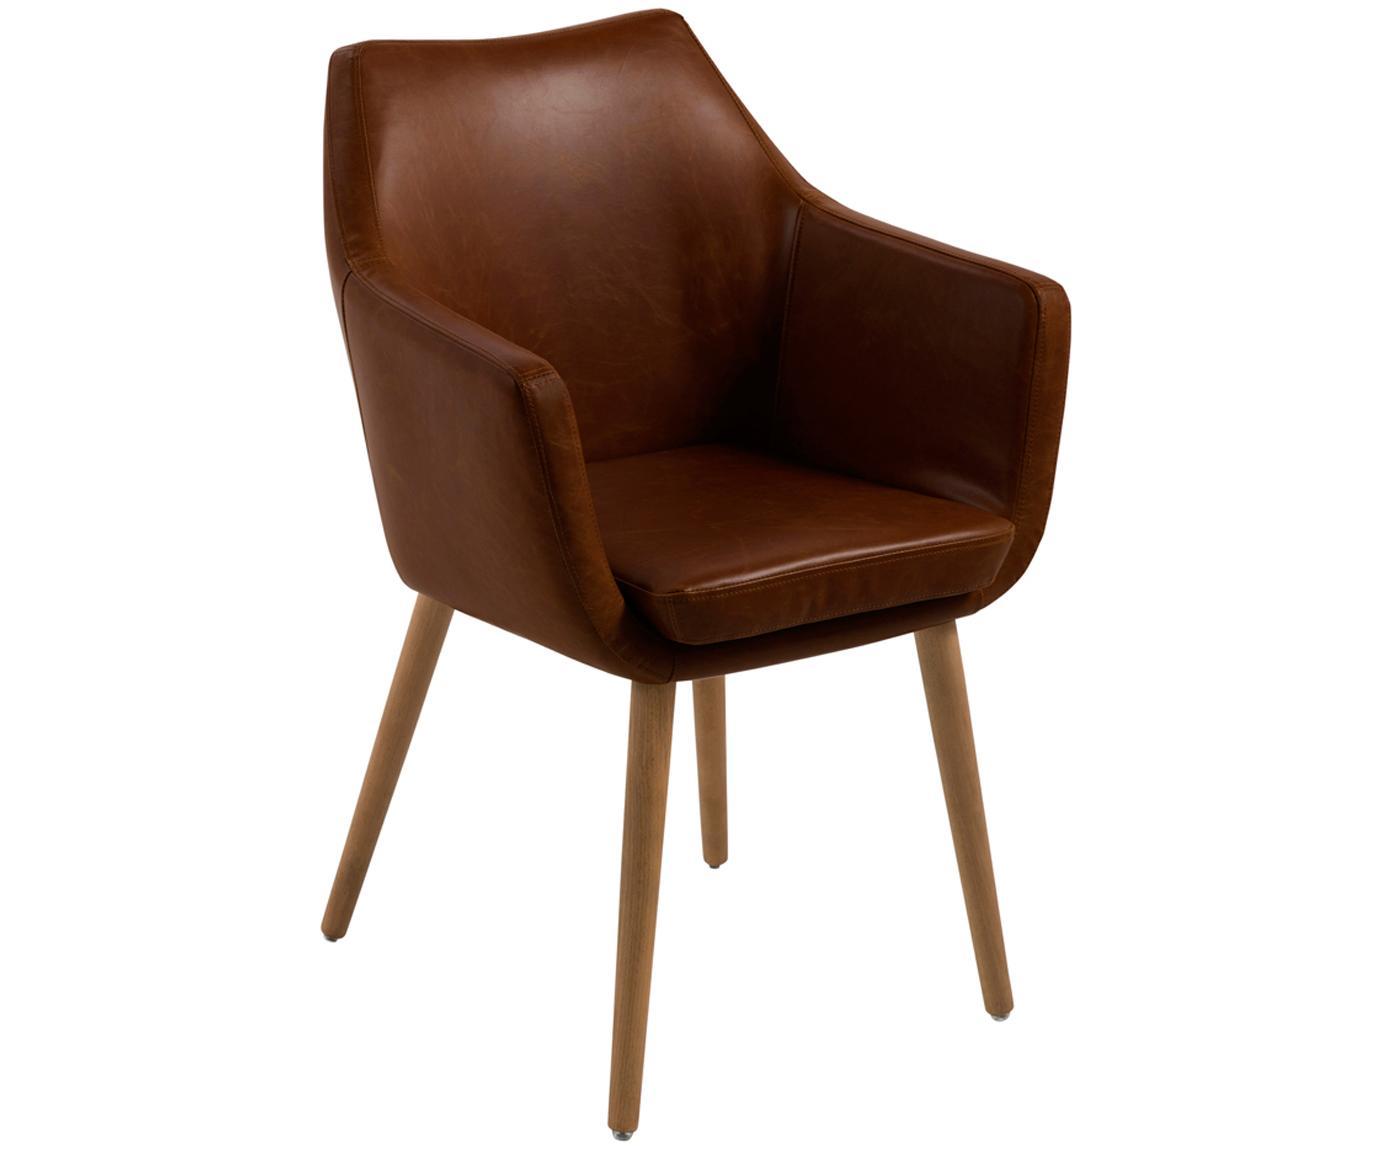 Krzesło z podłokietnikami ze sztucznej skóry Nora, Tapicerka: sztuczna skóra (poliureta, Nogi: drewno dębowe, Tapicerka: brązowy Nogi: drewno dębowe, S 56 x G 55 cm